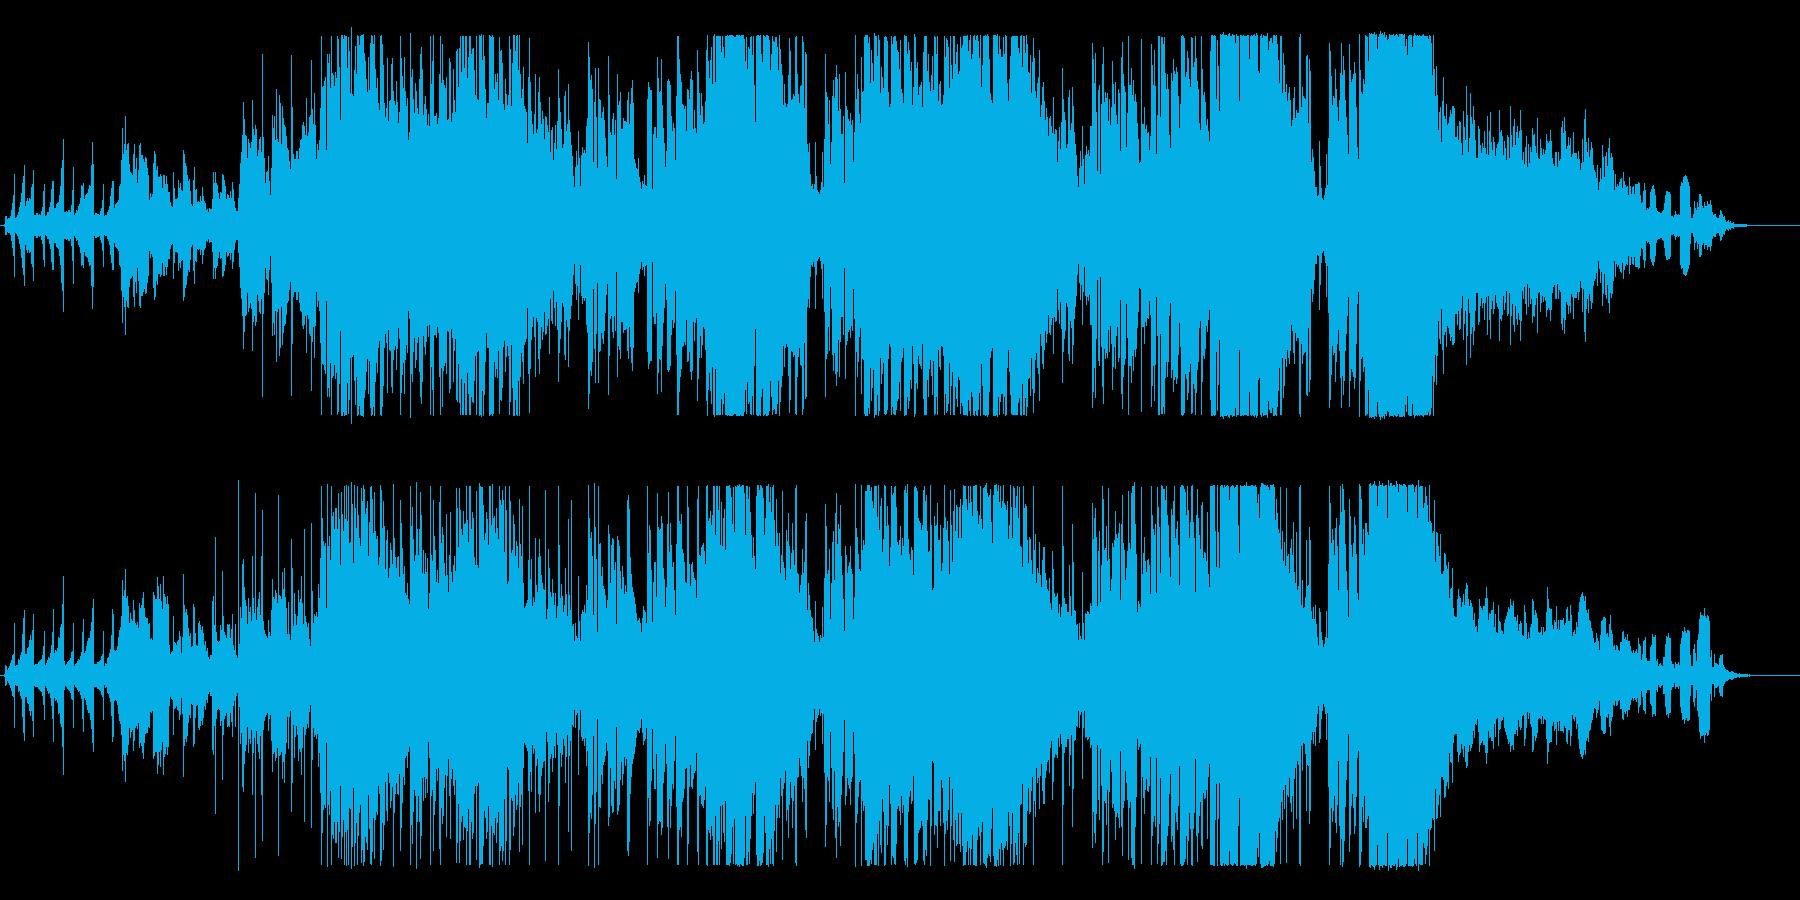 オシャレな定番のバースデーソングの再生済みの波形